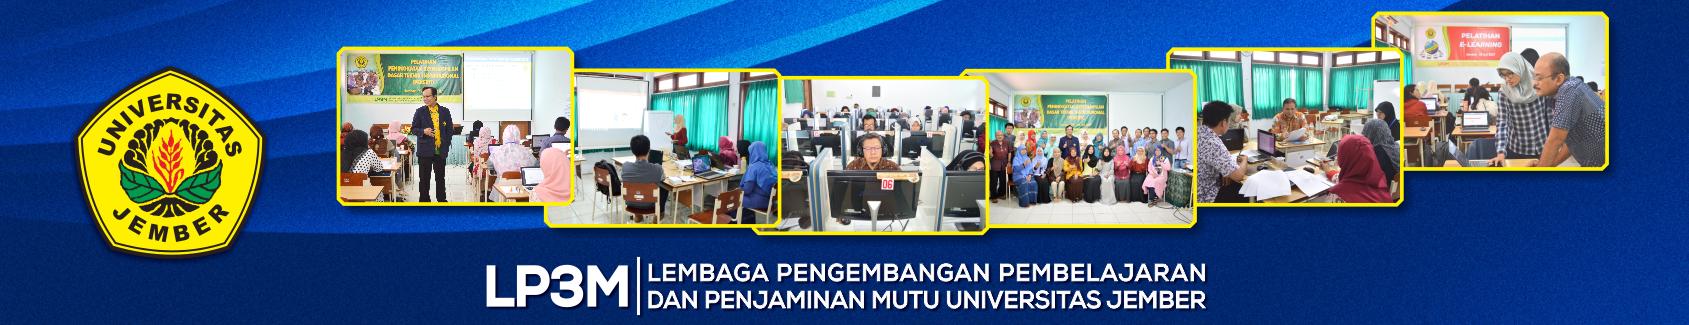 LP3M Universitas Jember